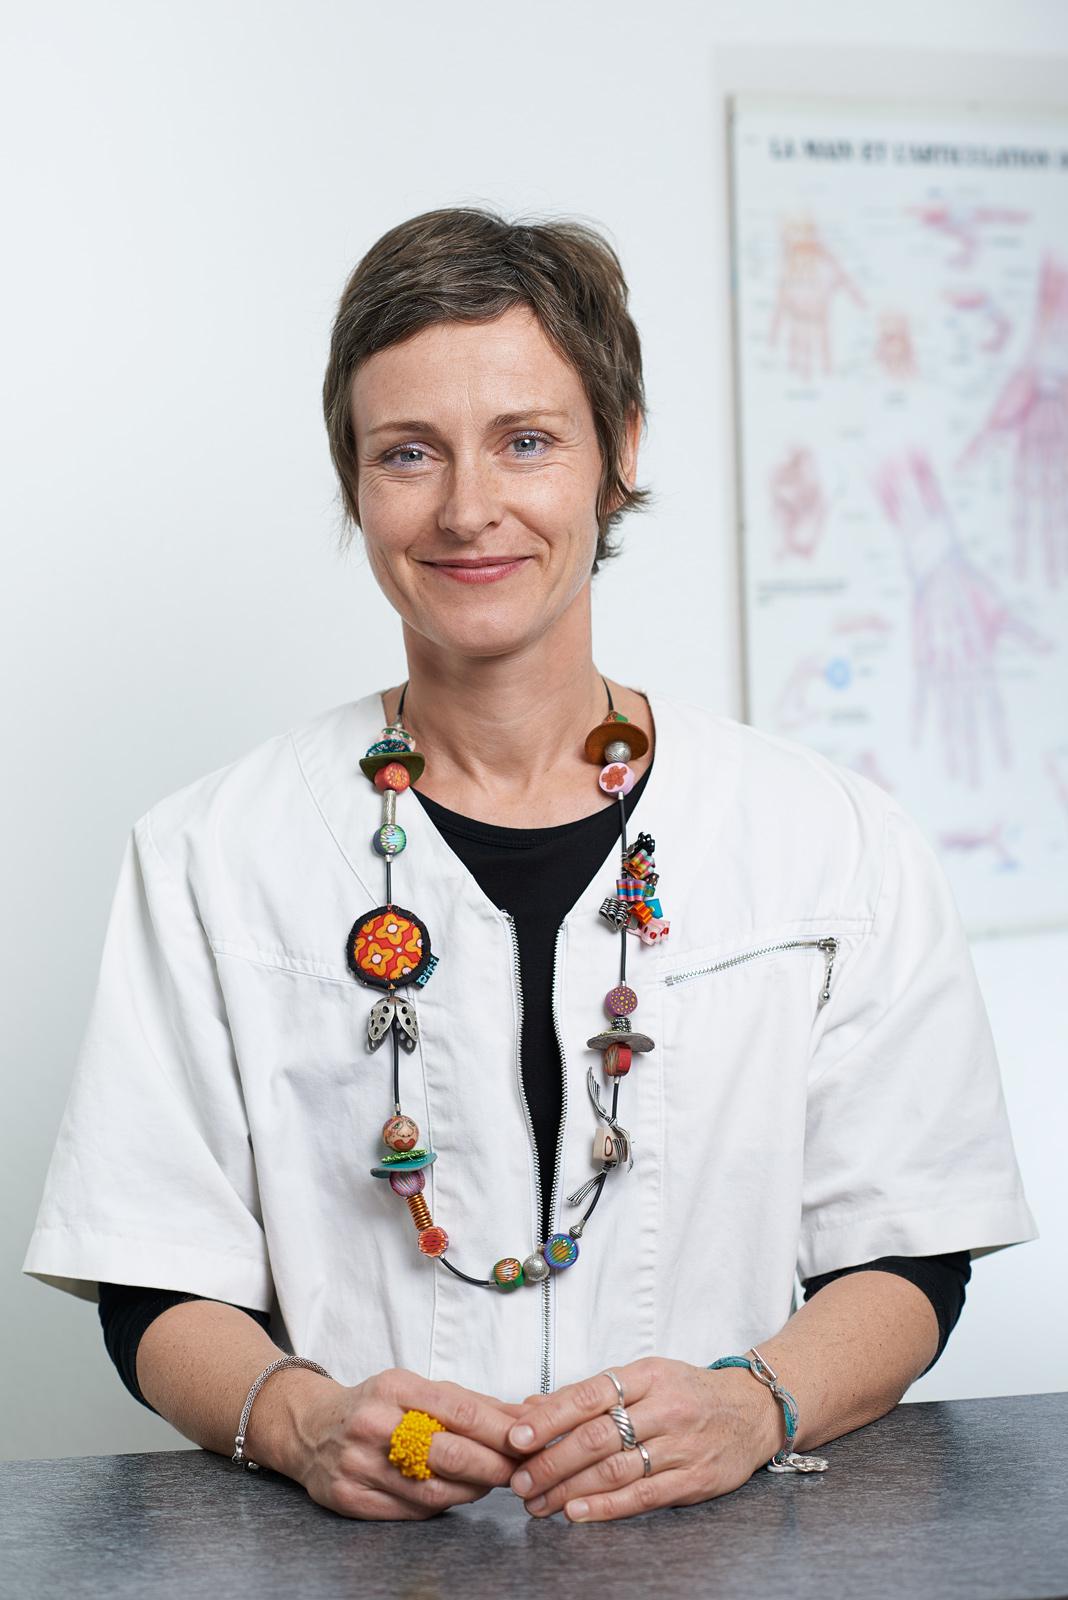 Portrait Médical d'une femme dans un cabinet d'ergothérapie